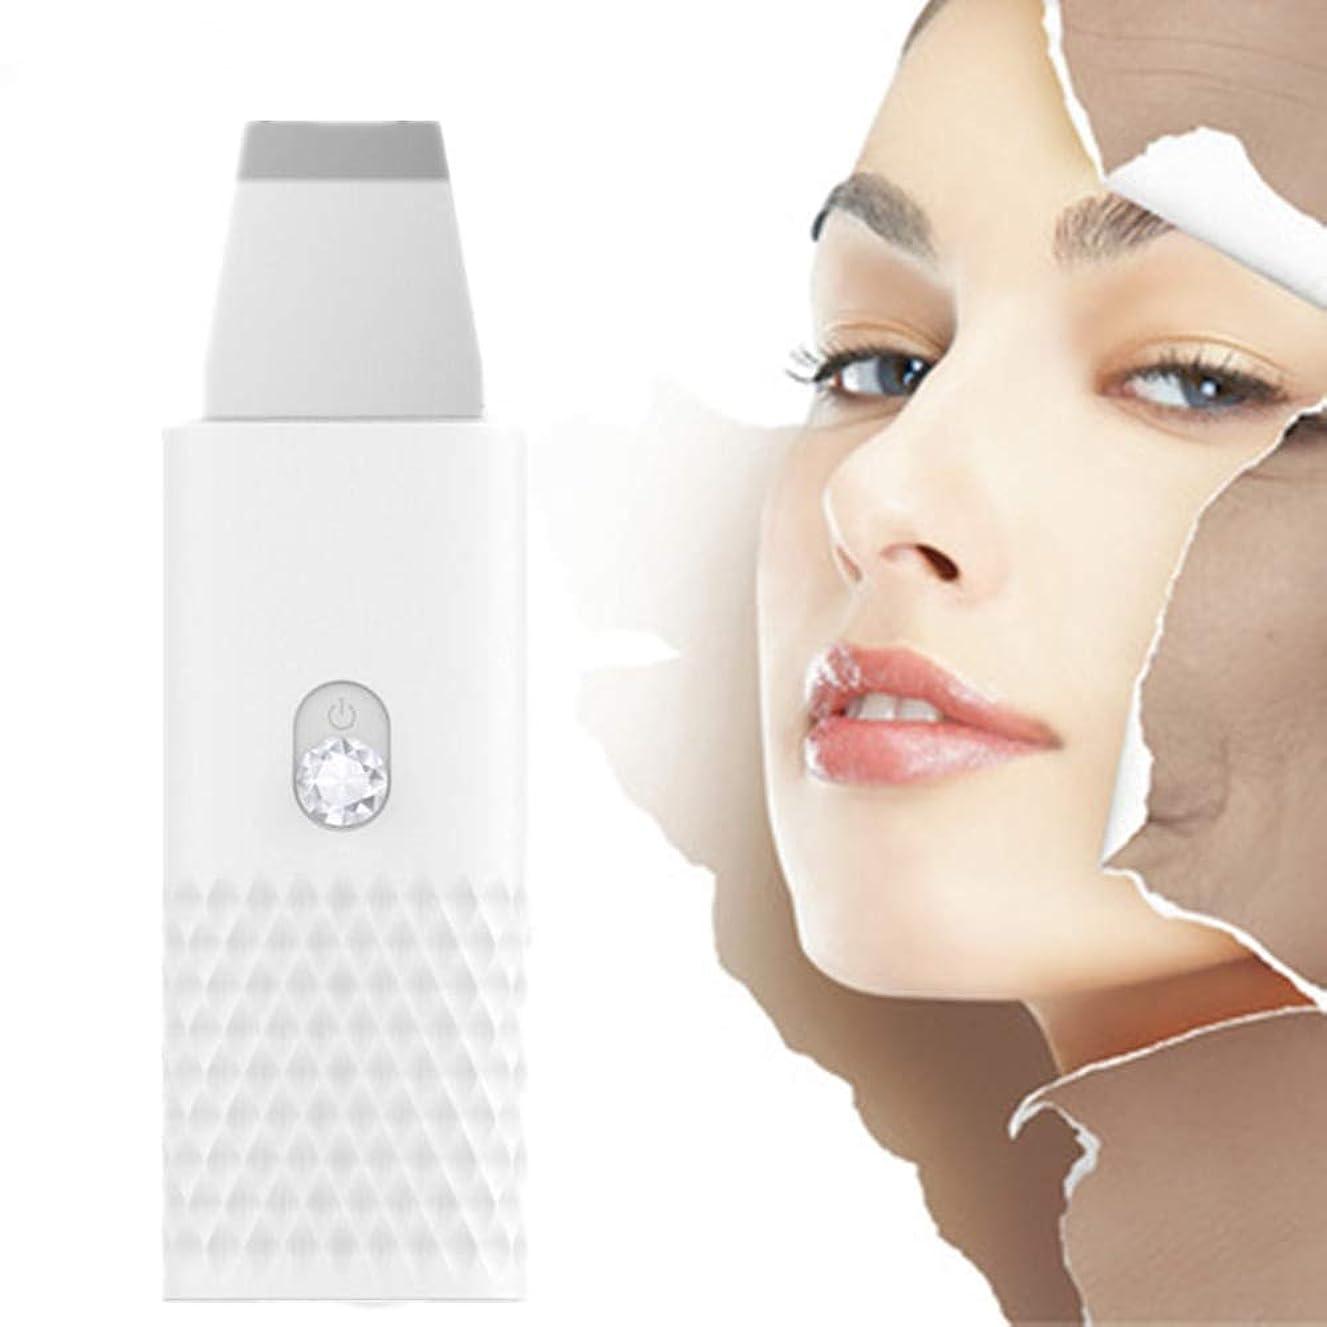 アカデミー警戒イノセンスツールクレンザー古い角質除去ホワイトピーリング顔の皮膚のスクラバーブラックヘッドリムーバー毛穴クリーナー電気EMS導入モードUSB充電女性のスキンマッサージスクラバー?フェイシャルリフティング